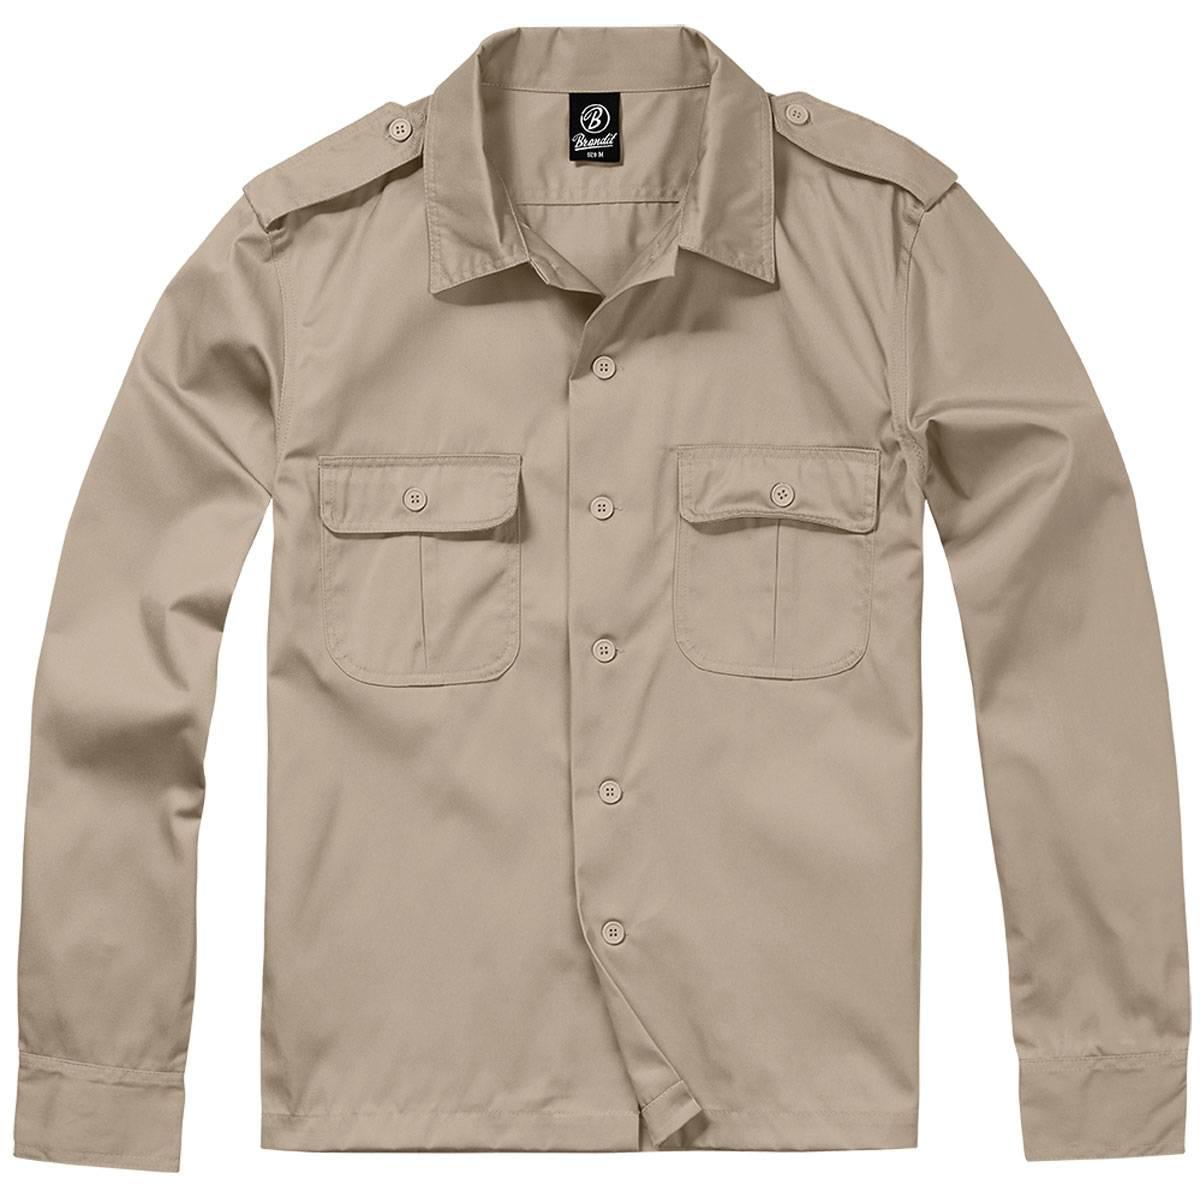 buy online 1f400 67c28 Langarm US-Hemd, Tropenhemden im günstigen Army Shop ...